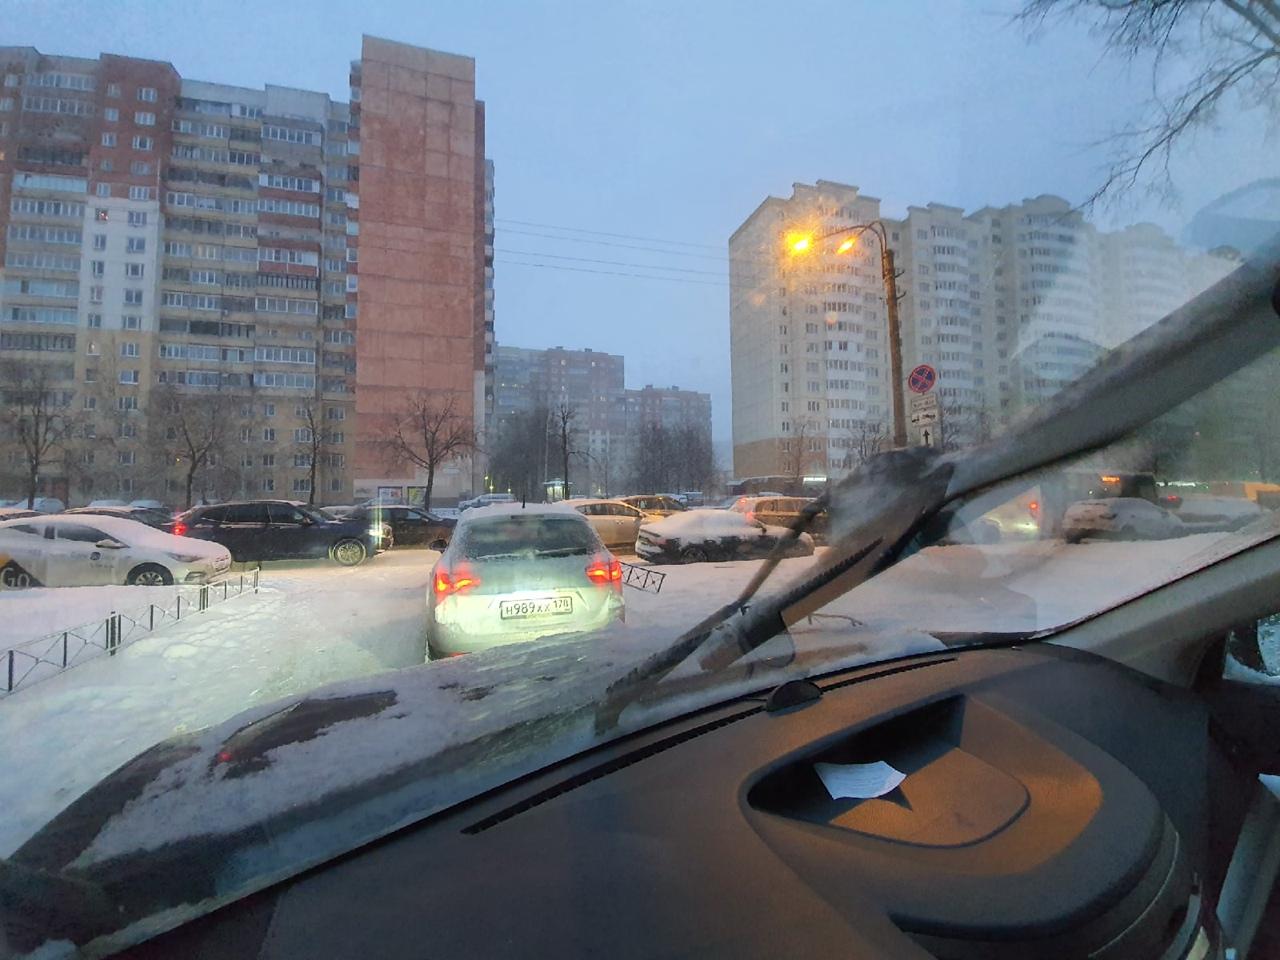 На перекрёстке М. Жукова и Ленинского пр. Не работает светофор. Пешеход пытается регулировать колла...